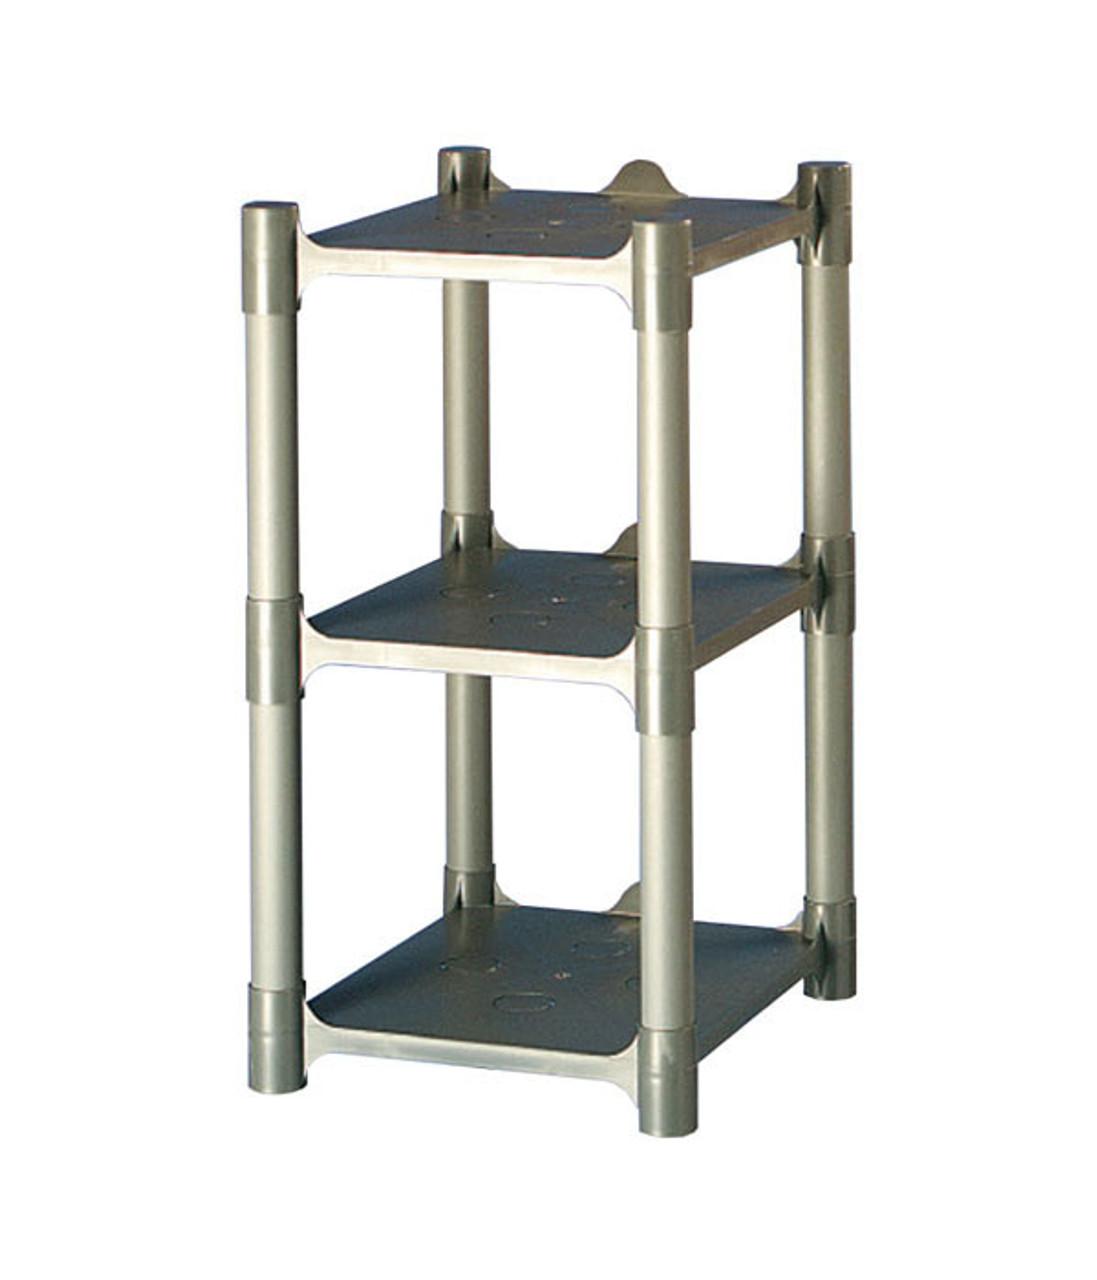 3 Shelf Plastic Storage Rack